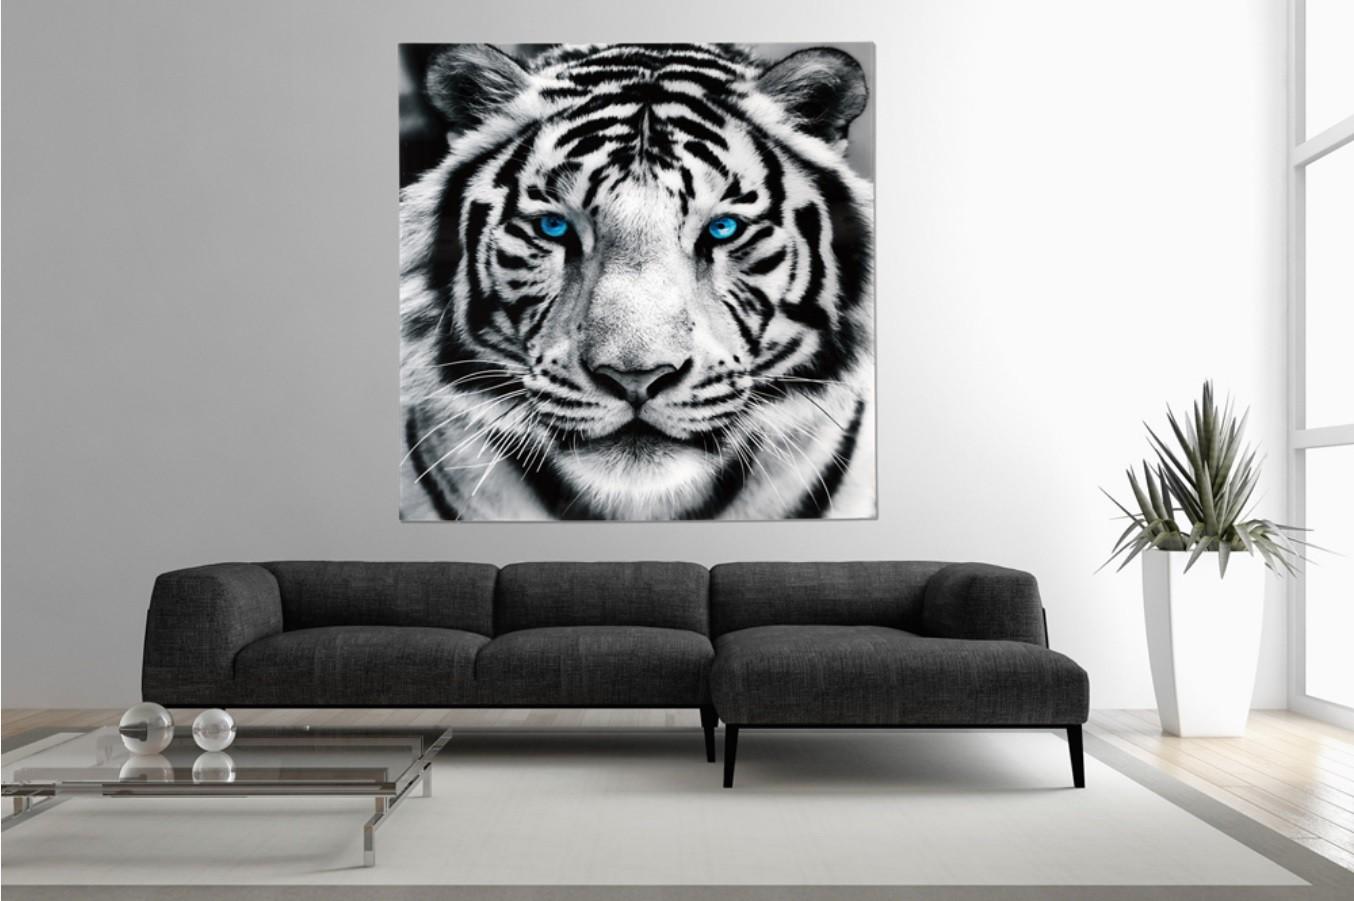 Tableau pour décoration : quelles idées pour décorer votre foyer ?